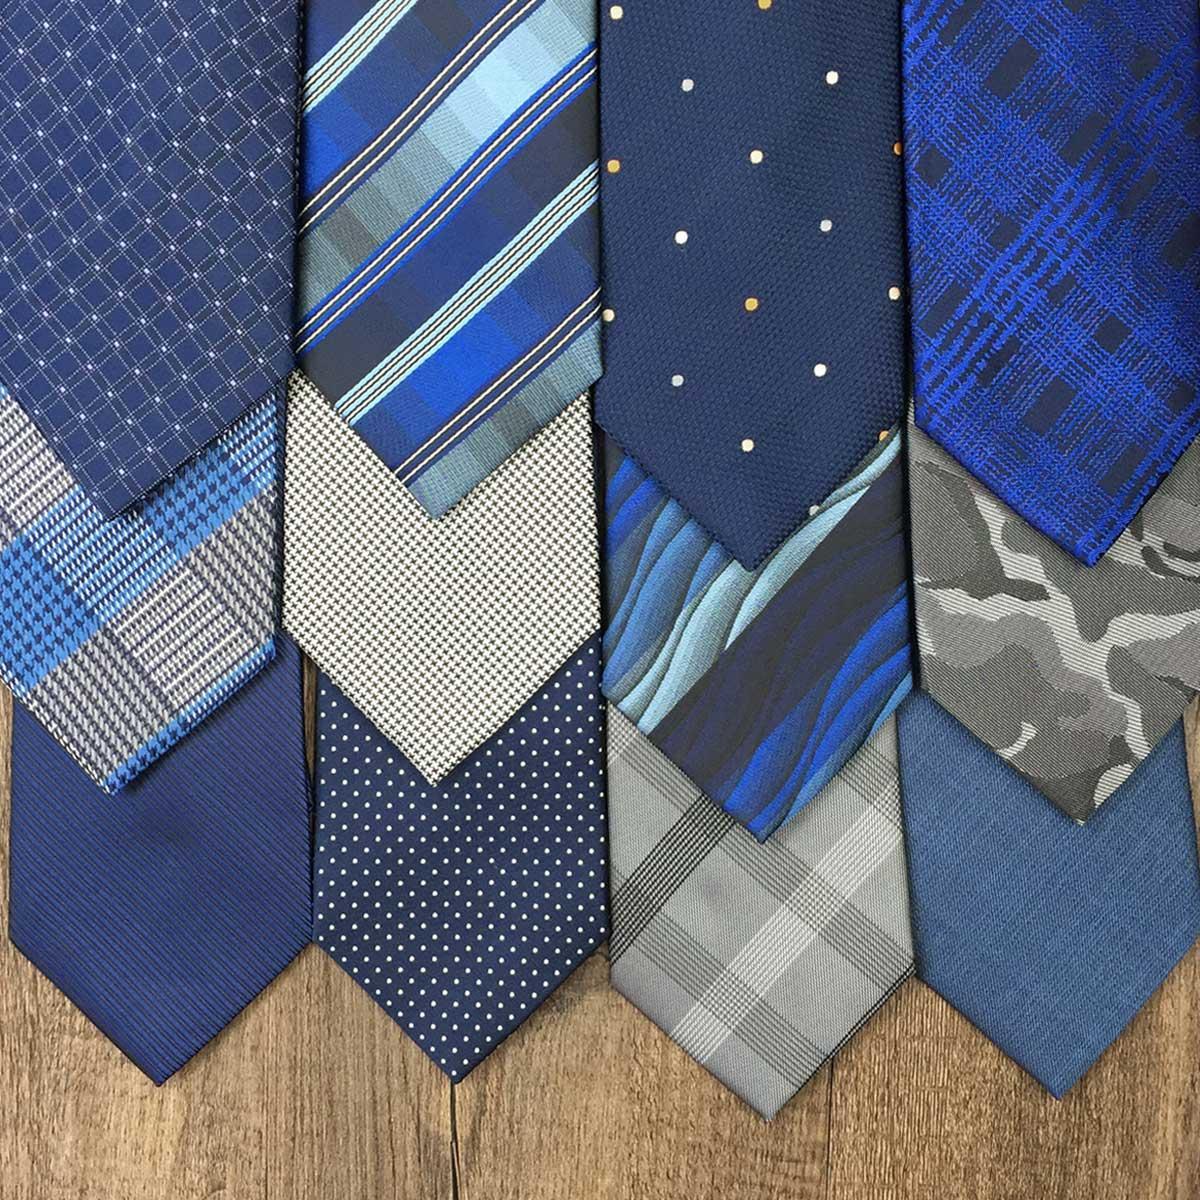 Серый роскошный синий шелковые галстуки мода свадебные галстуки для мужского аксессуара новинка Dropshipping